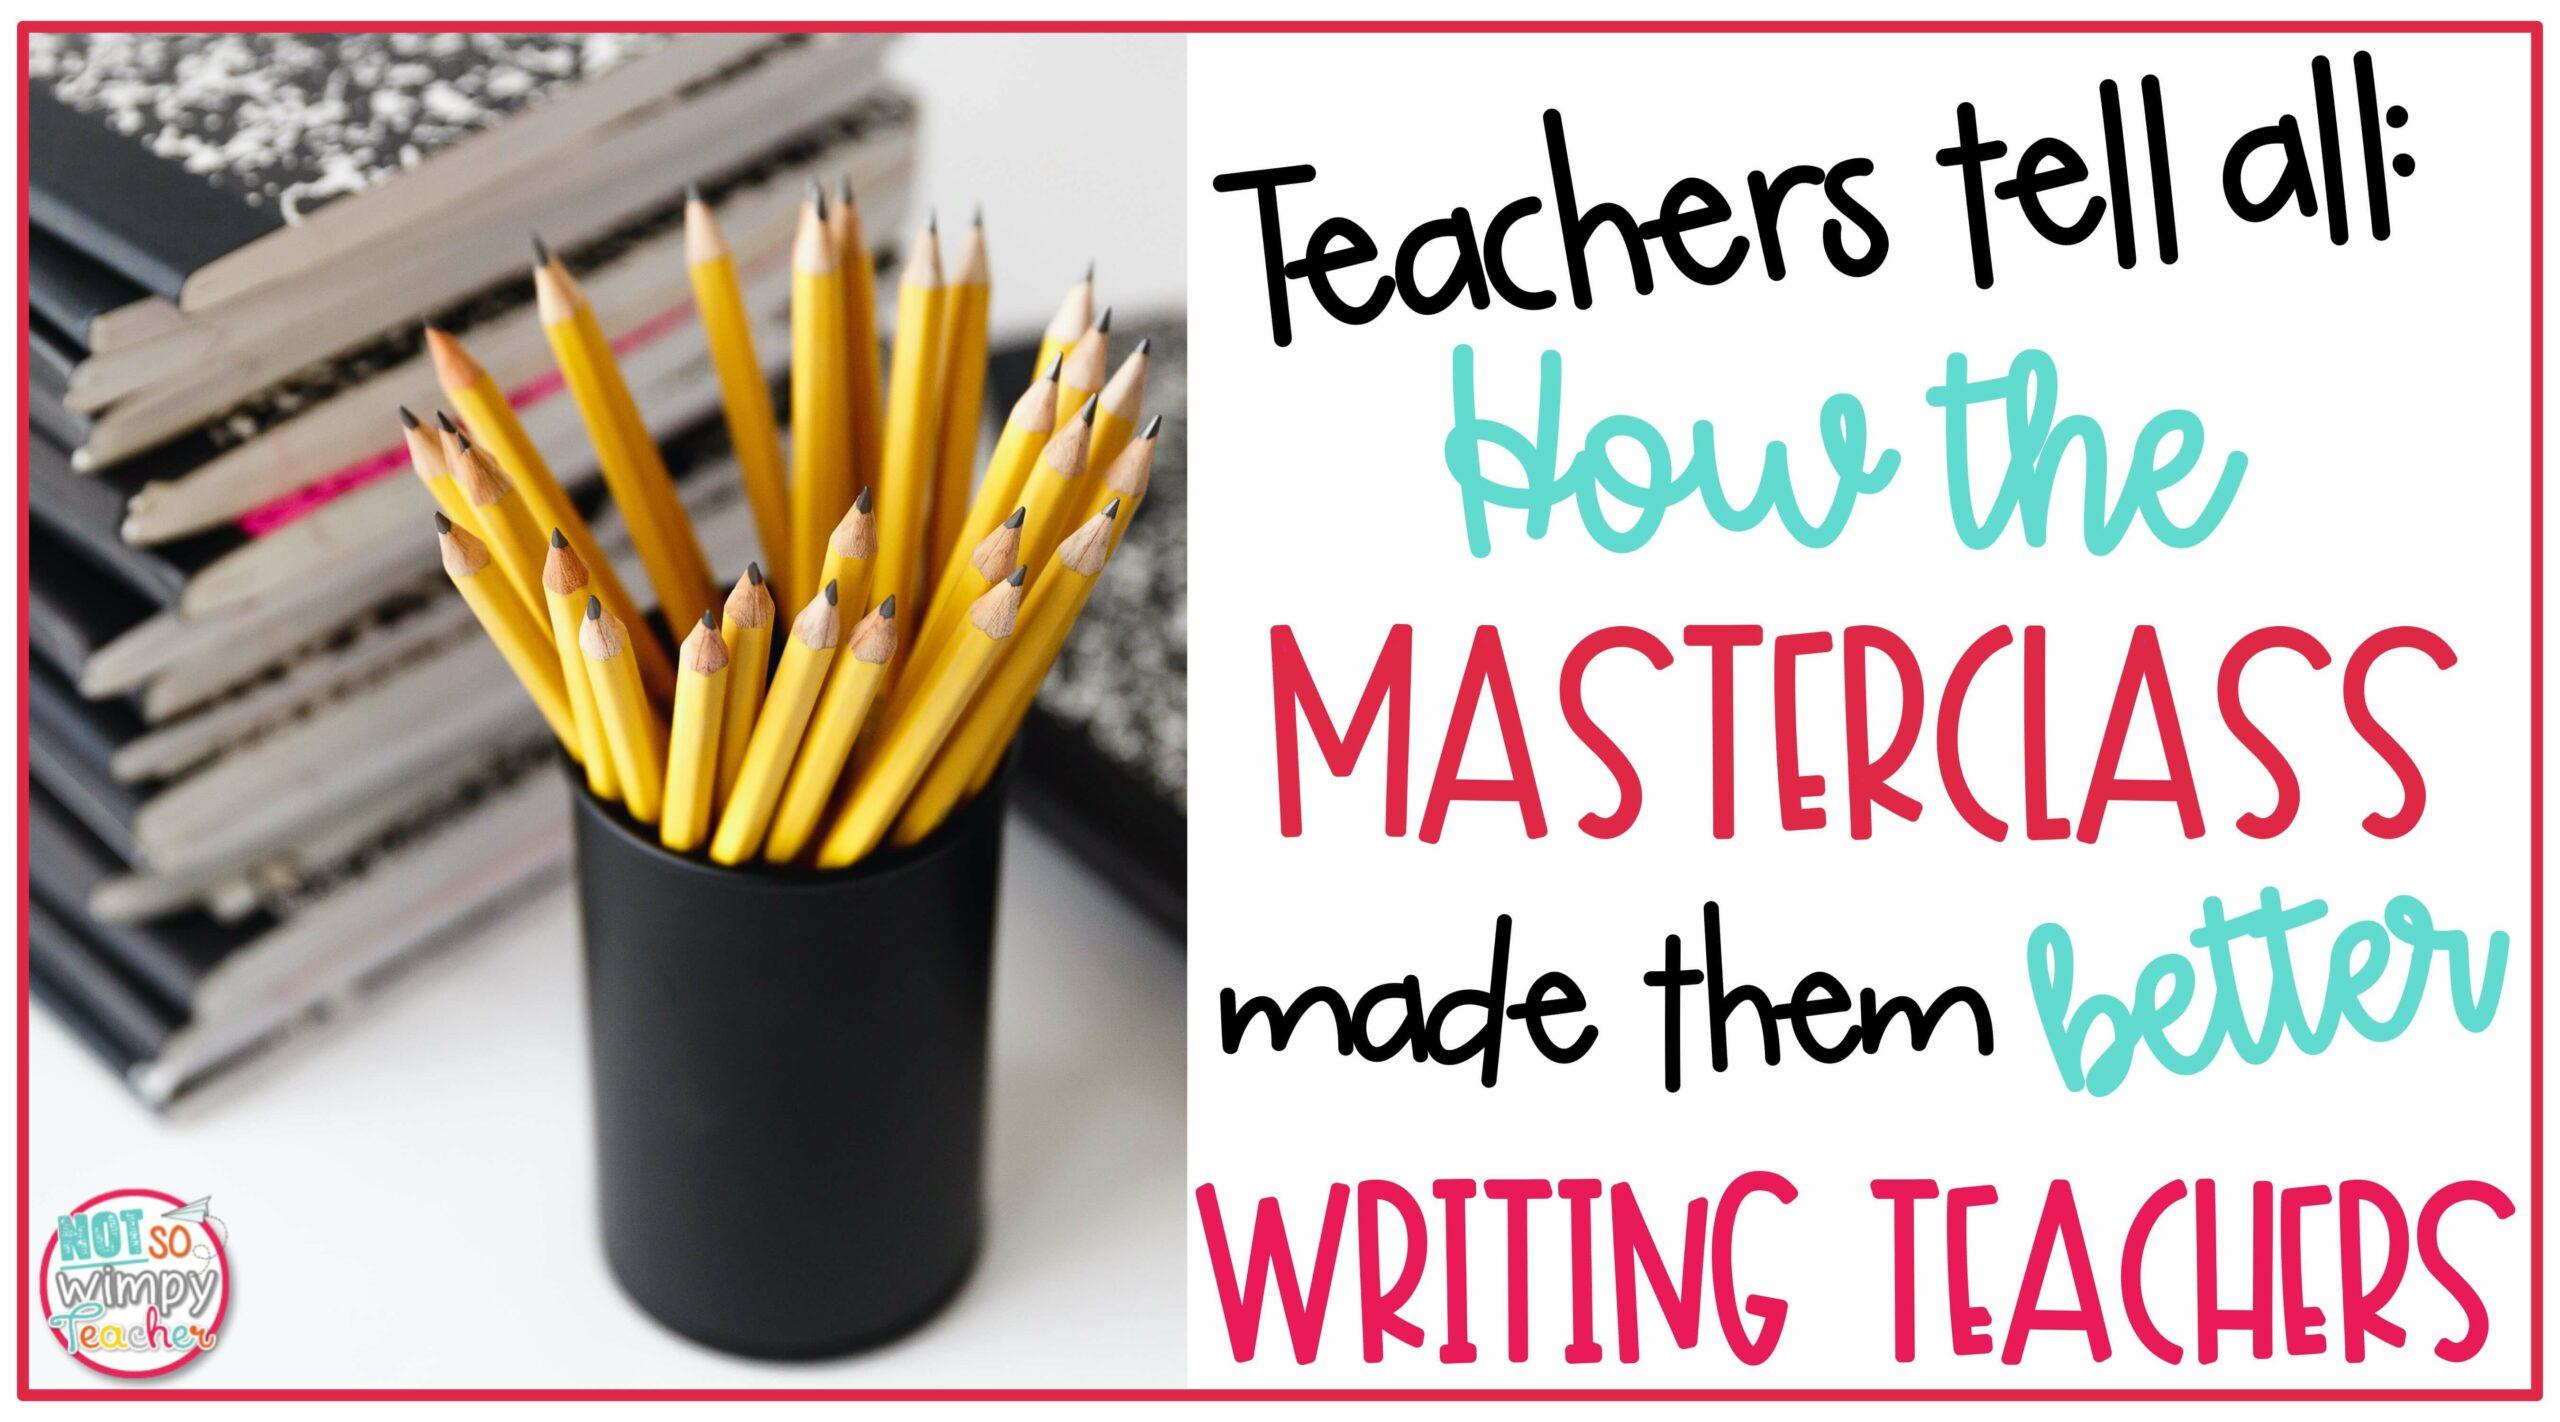 Teachers Tell All: How the Masterclass Made Them Better Writing Teachers - Not So Wimpy Teacher